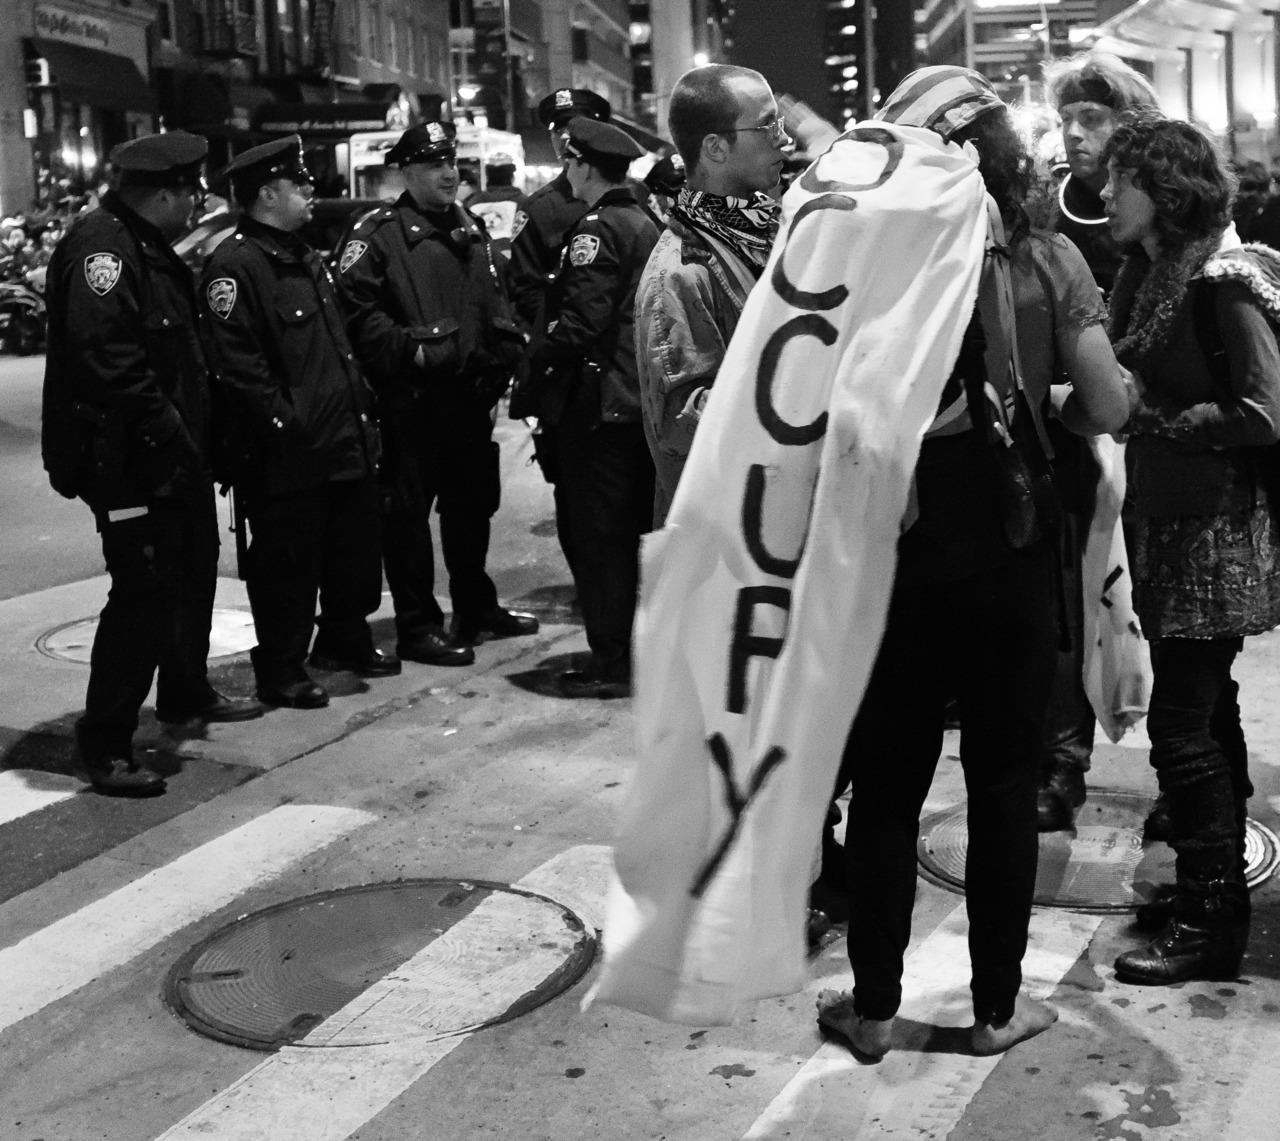 126 - Occupy   #366Project #FujiX100